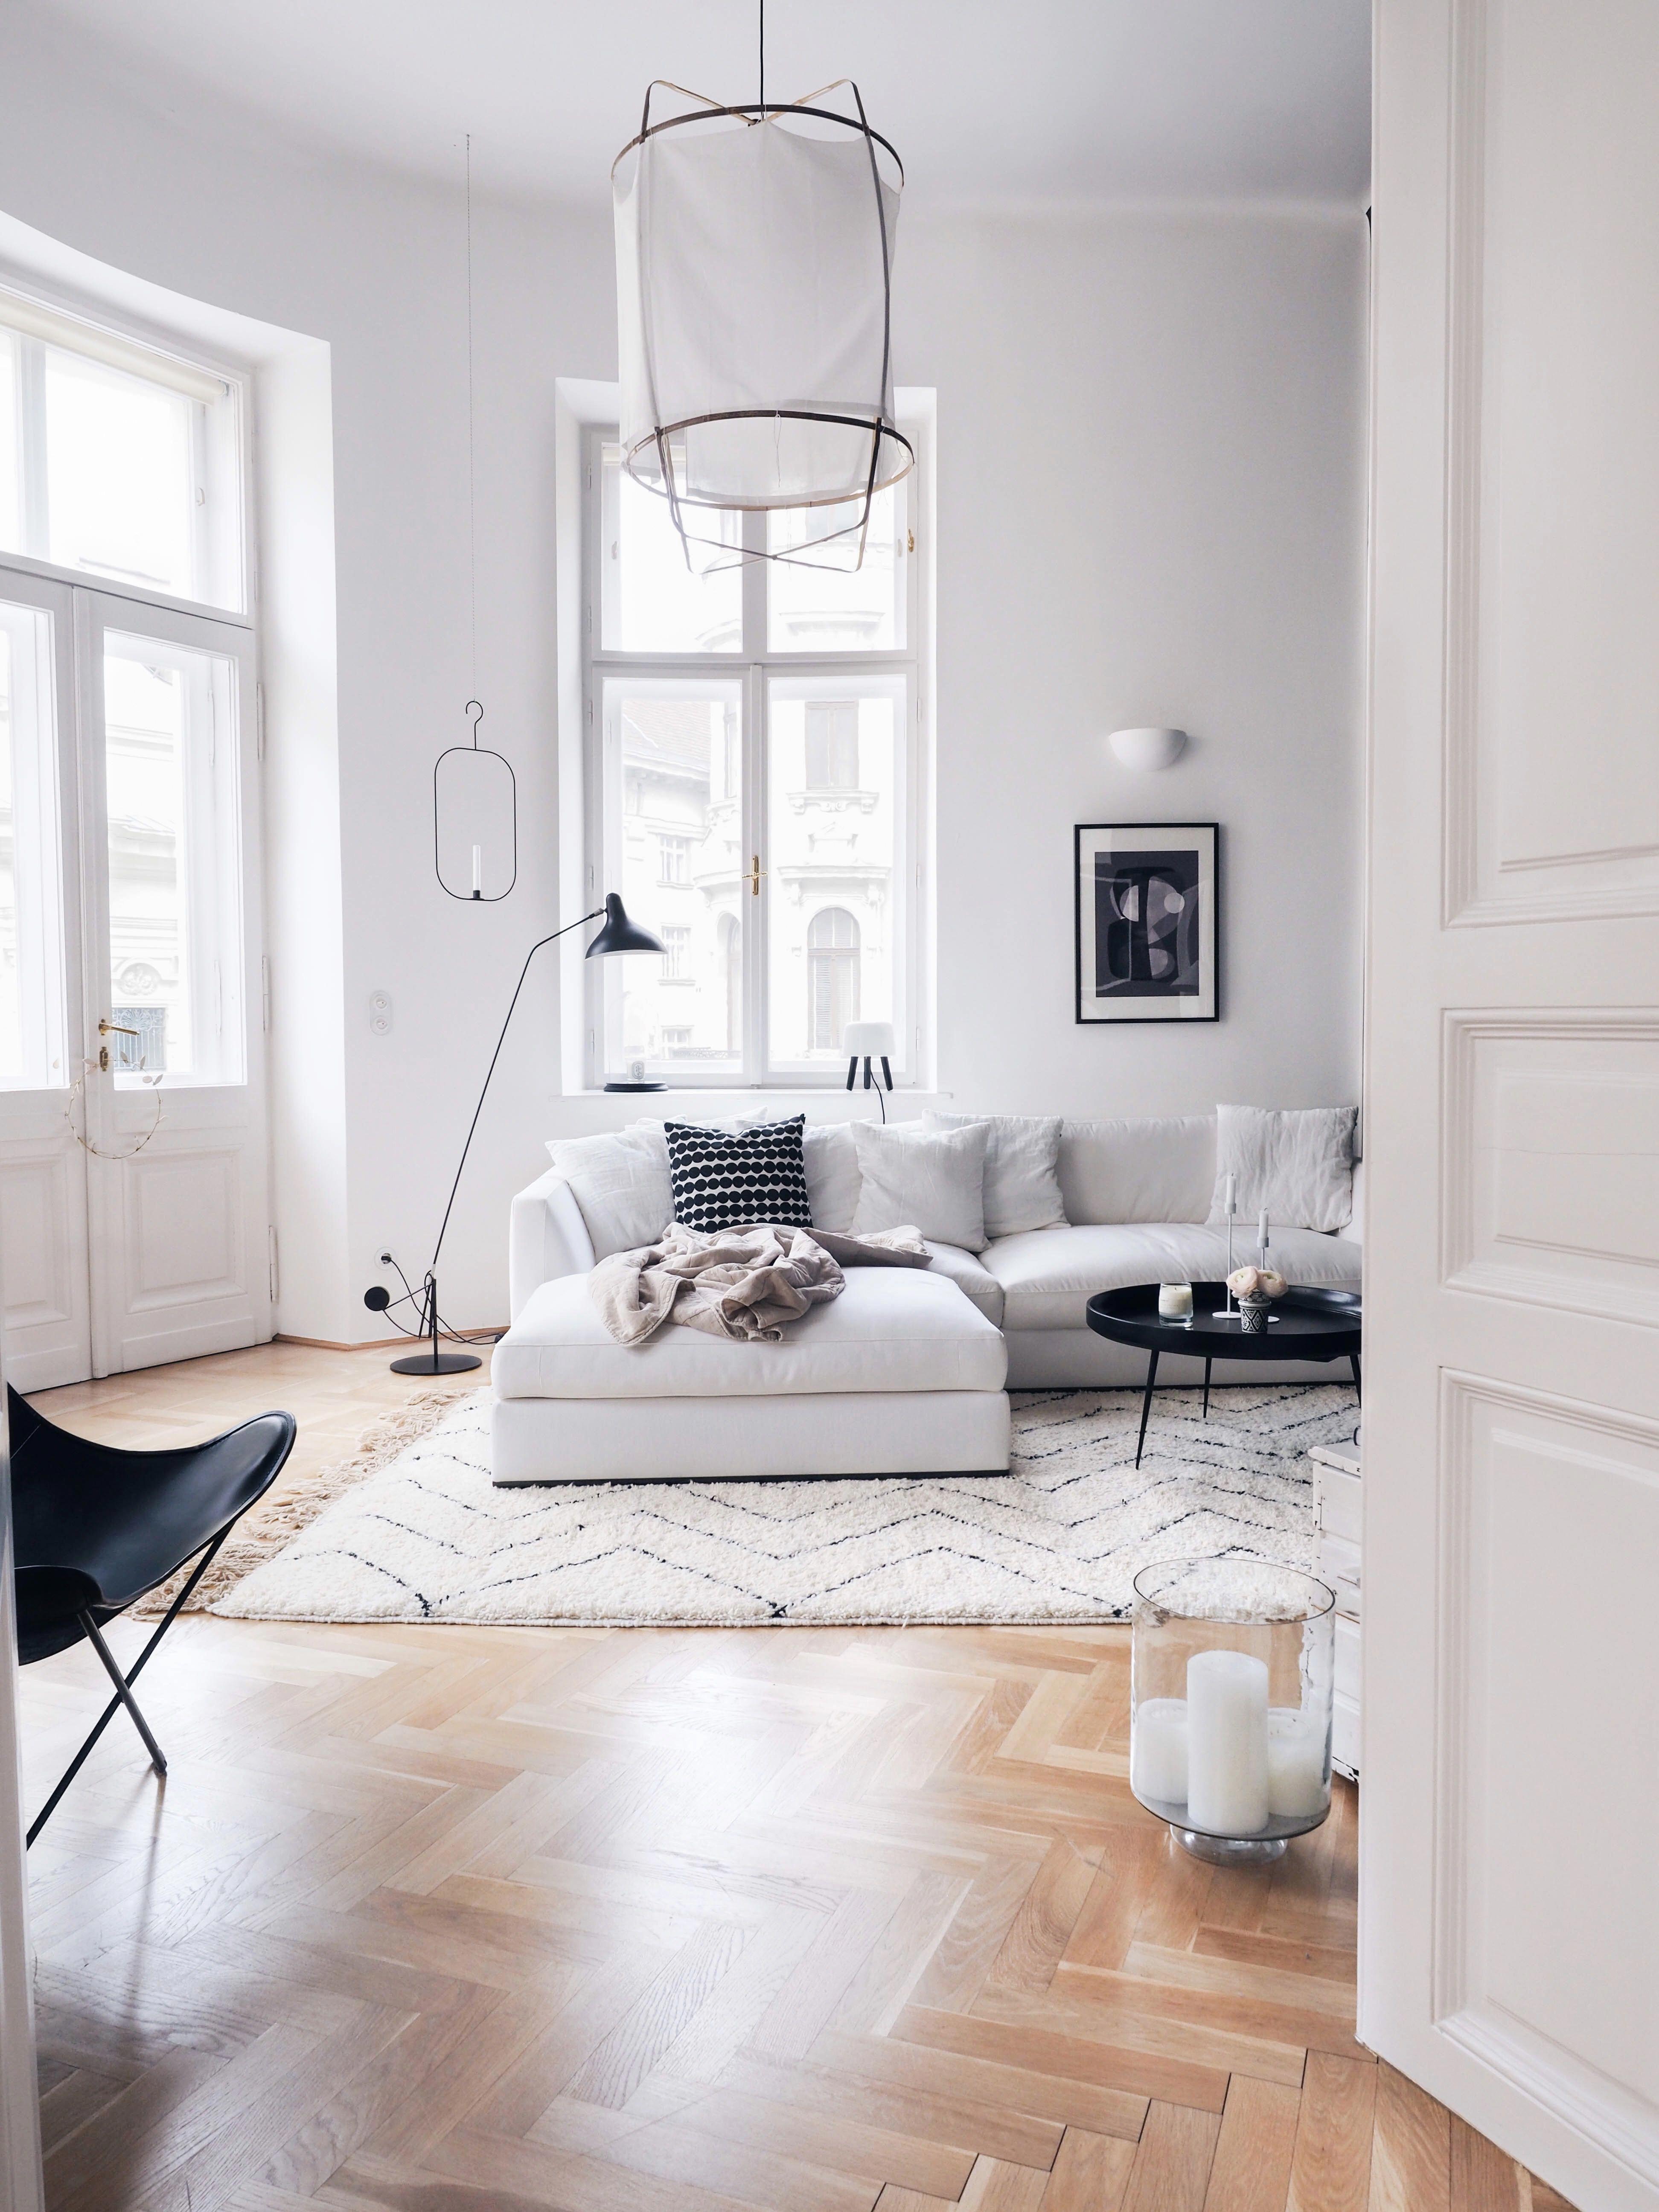 Altbau Wohnzimmer 4runnerinterior 4runner Interior In 2019